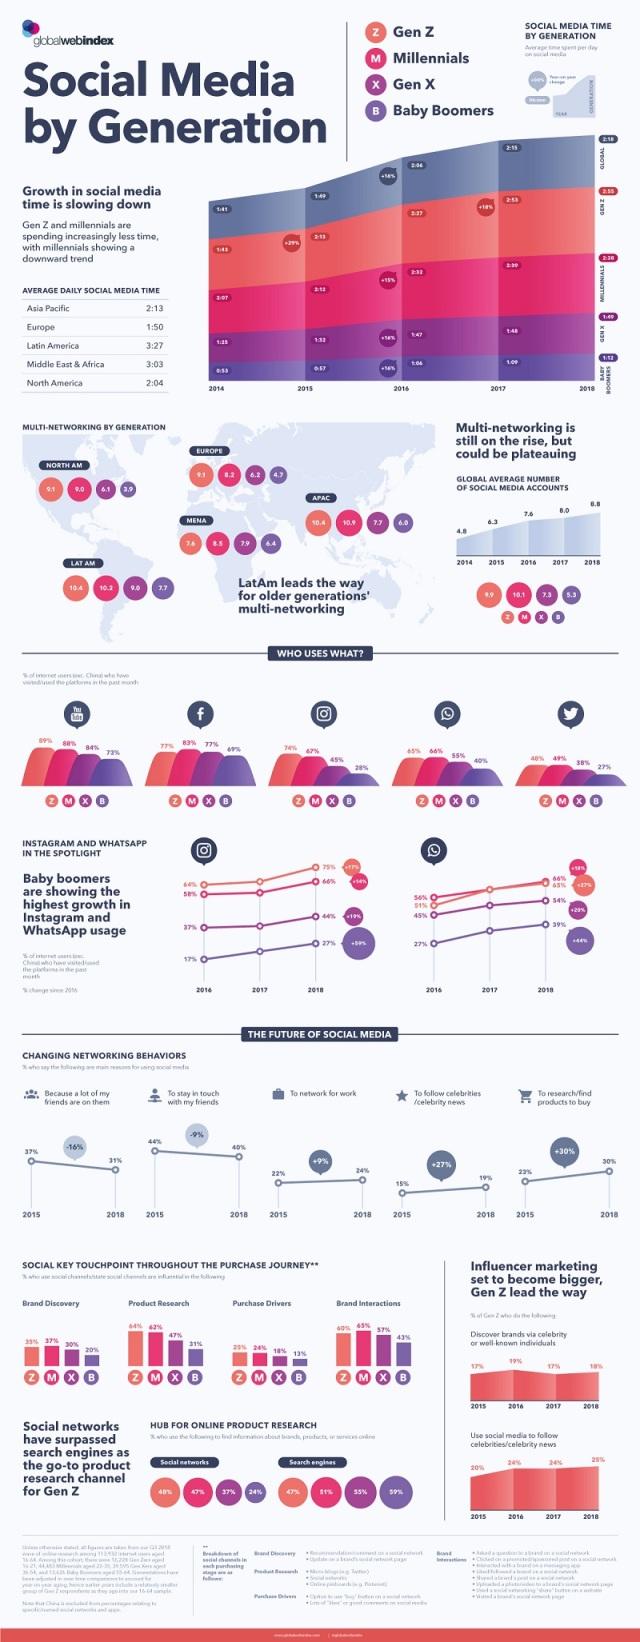 social_media_by_generation_info.jpg